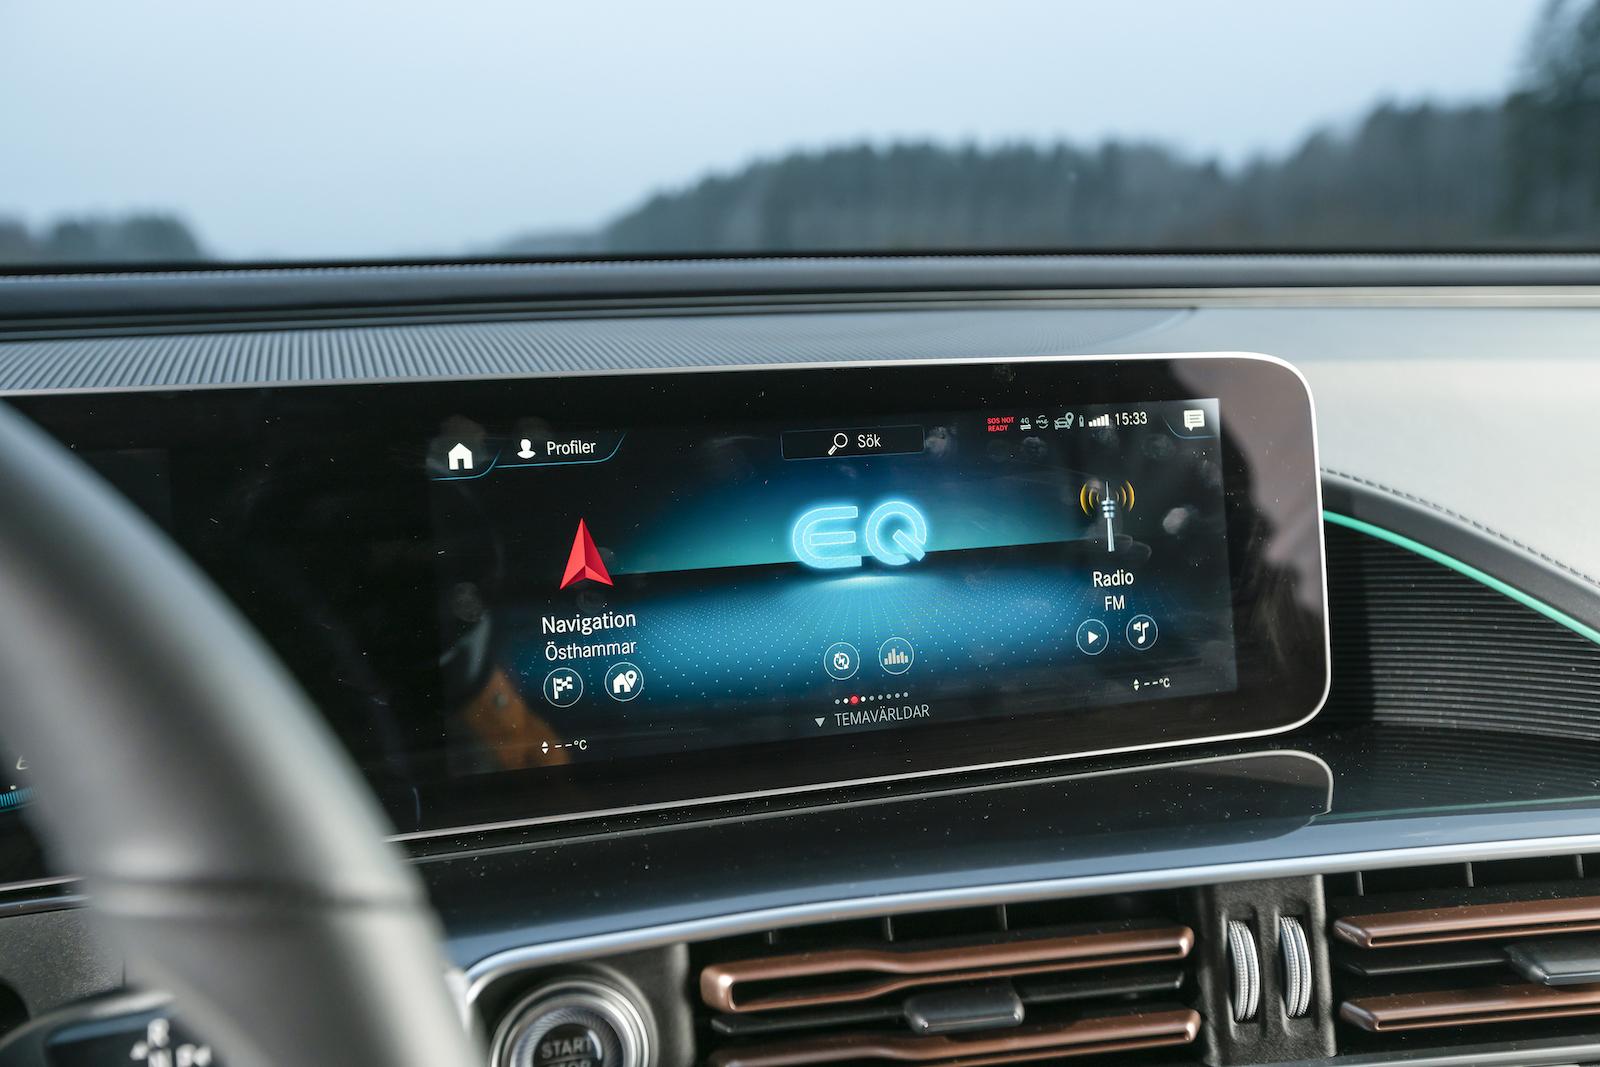 Mercedes: Samma upplägg som i övriga Mercedes-programmet. Välfungerande och smidigt att använda.